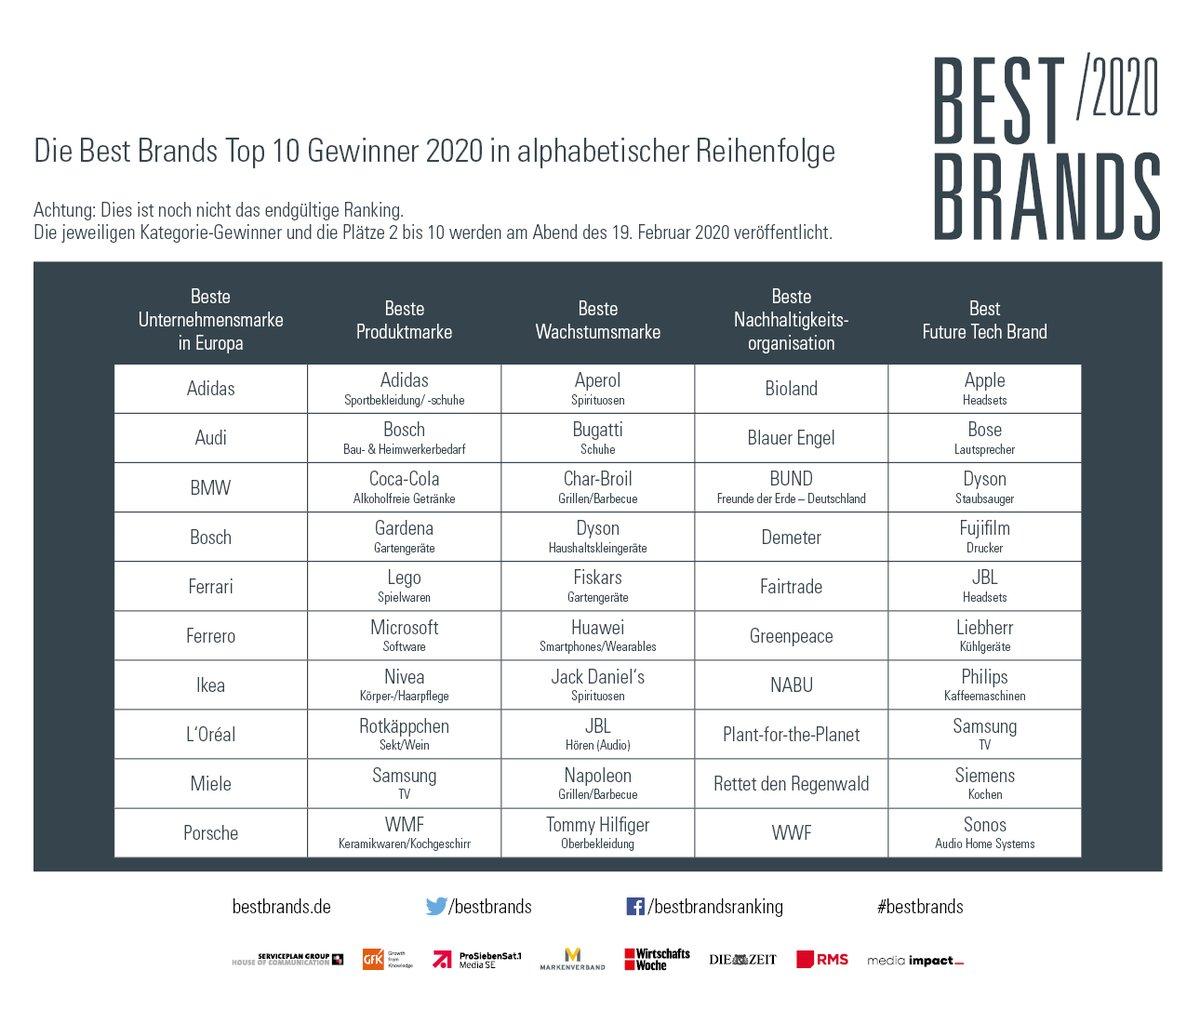 #BestBrands 2020: Das sind die Top 10 in alphabetischer Reihenfolge! Herzlichen Glückwunsch an alle nominierten Marken!  Wir sehen uns am 19. Februar im Hotel #BayerischerHof in München zur Preisverleihung! Alle Details unter http://sp-url.com/bb2020-top10.pic.twitter.com/ZKdg8Zvy3Z